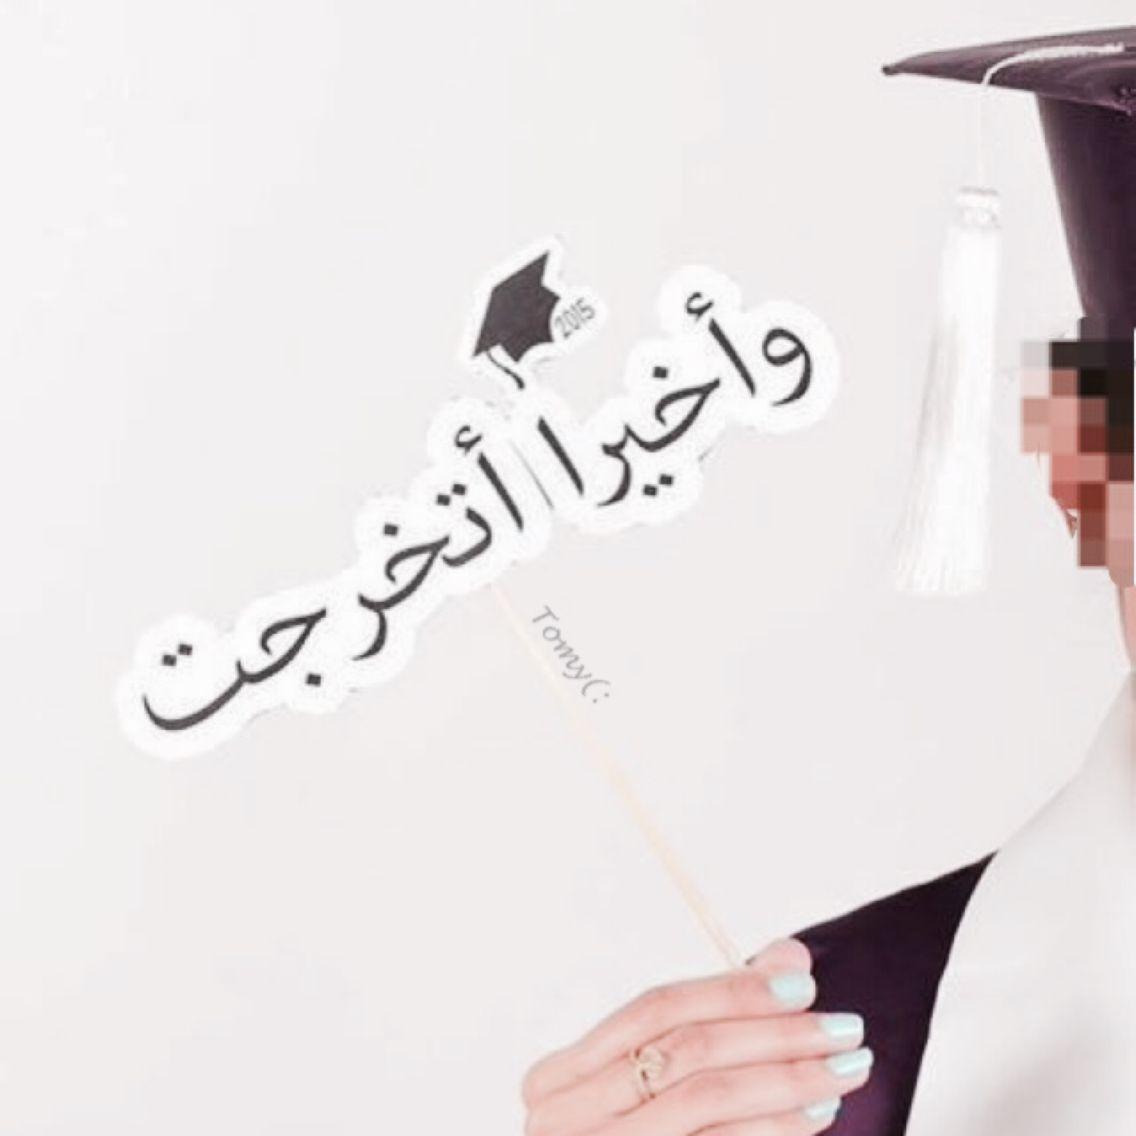 وأخيرا اتخرجت Graduation Photography Graduation Party Graduation Photoshoot